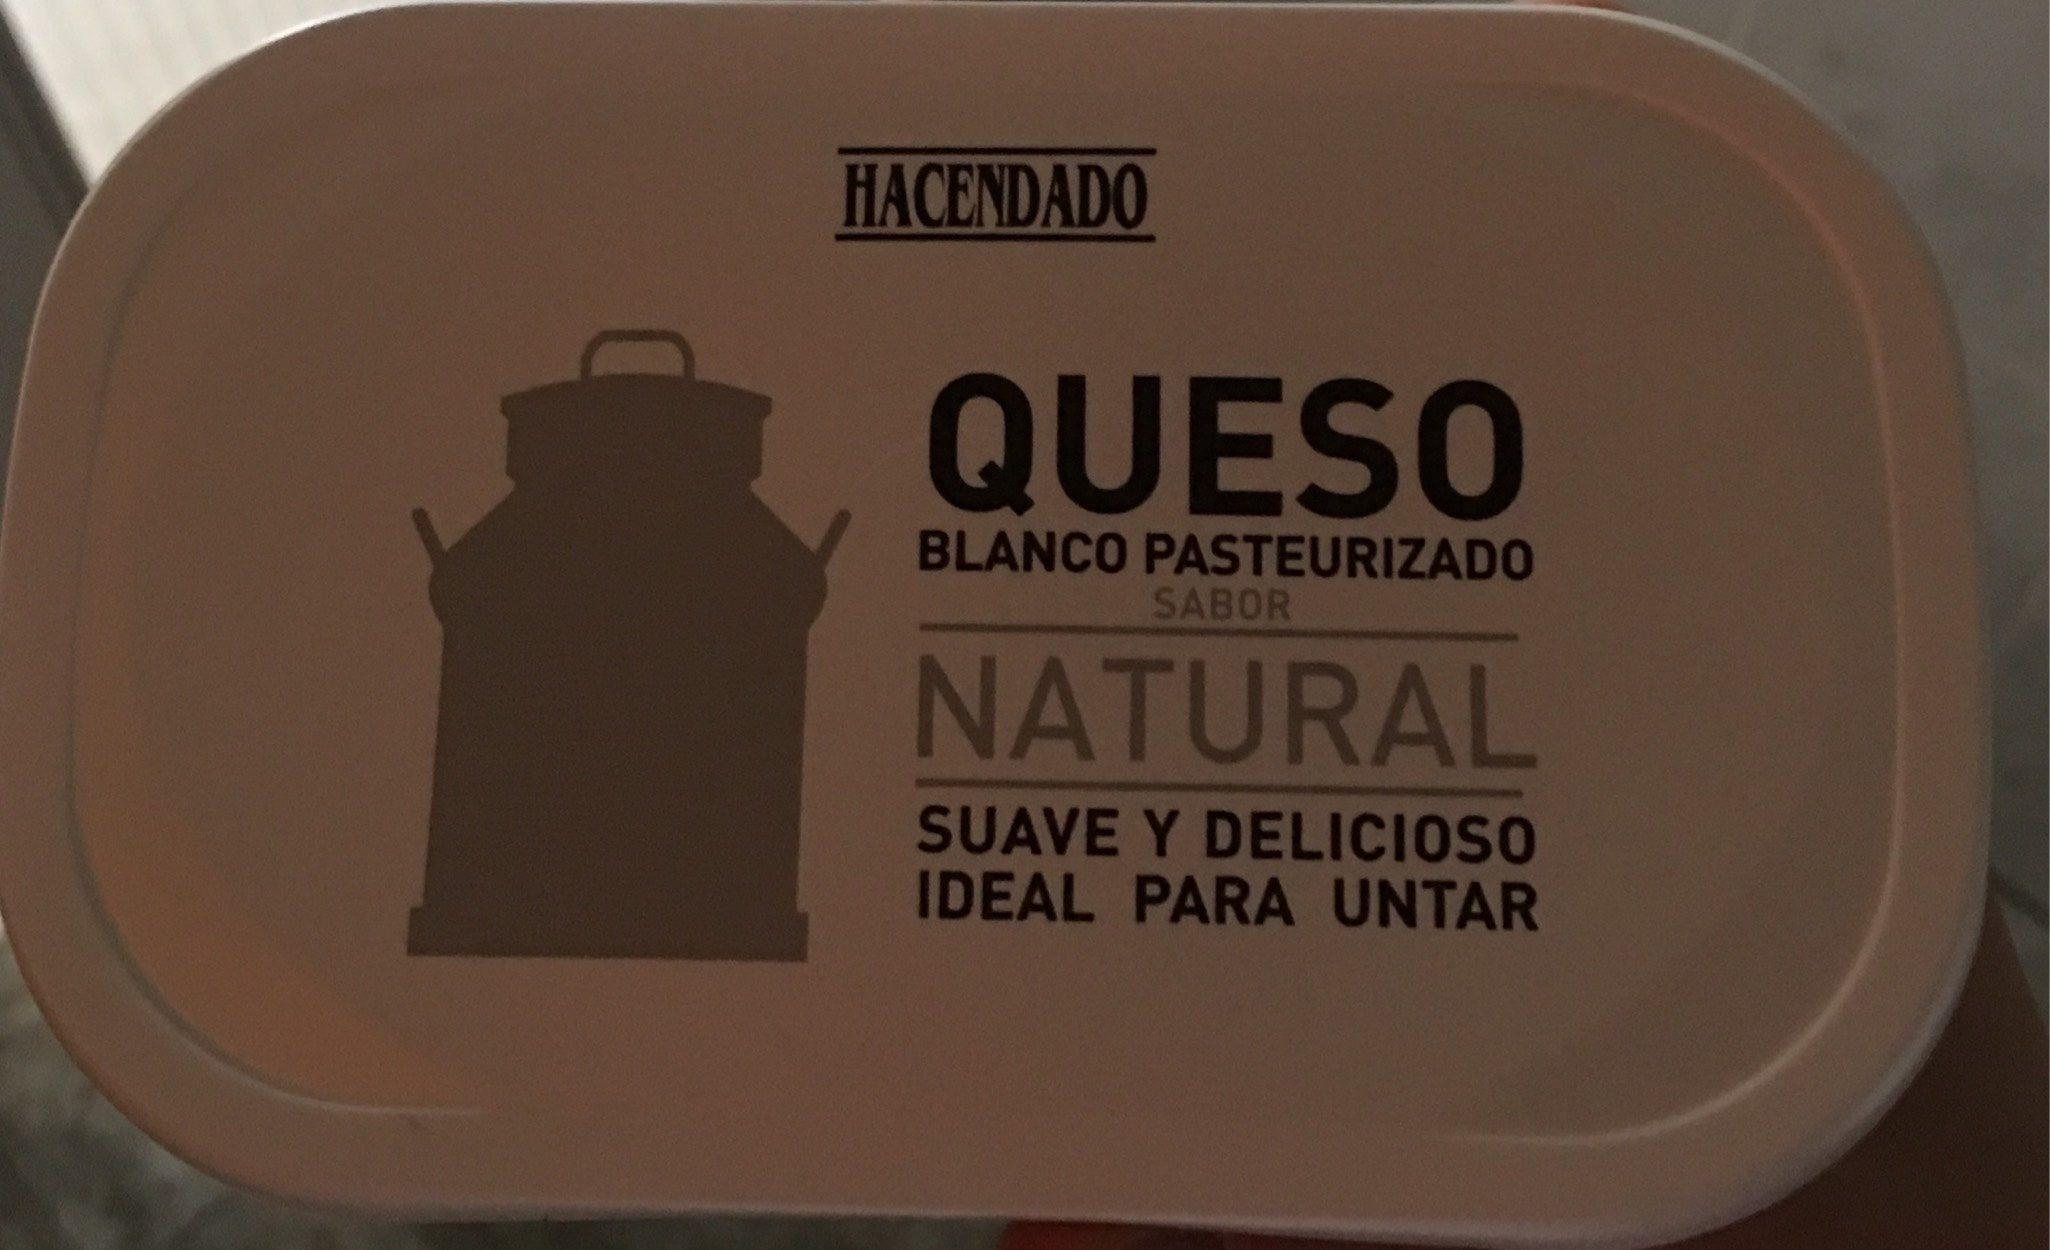 Queso Blanco Pasteurizado sabor Natural - Producto